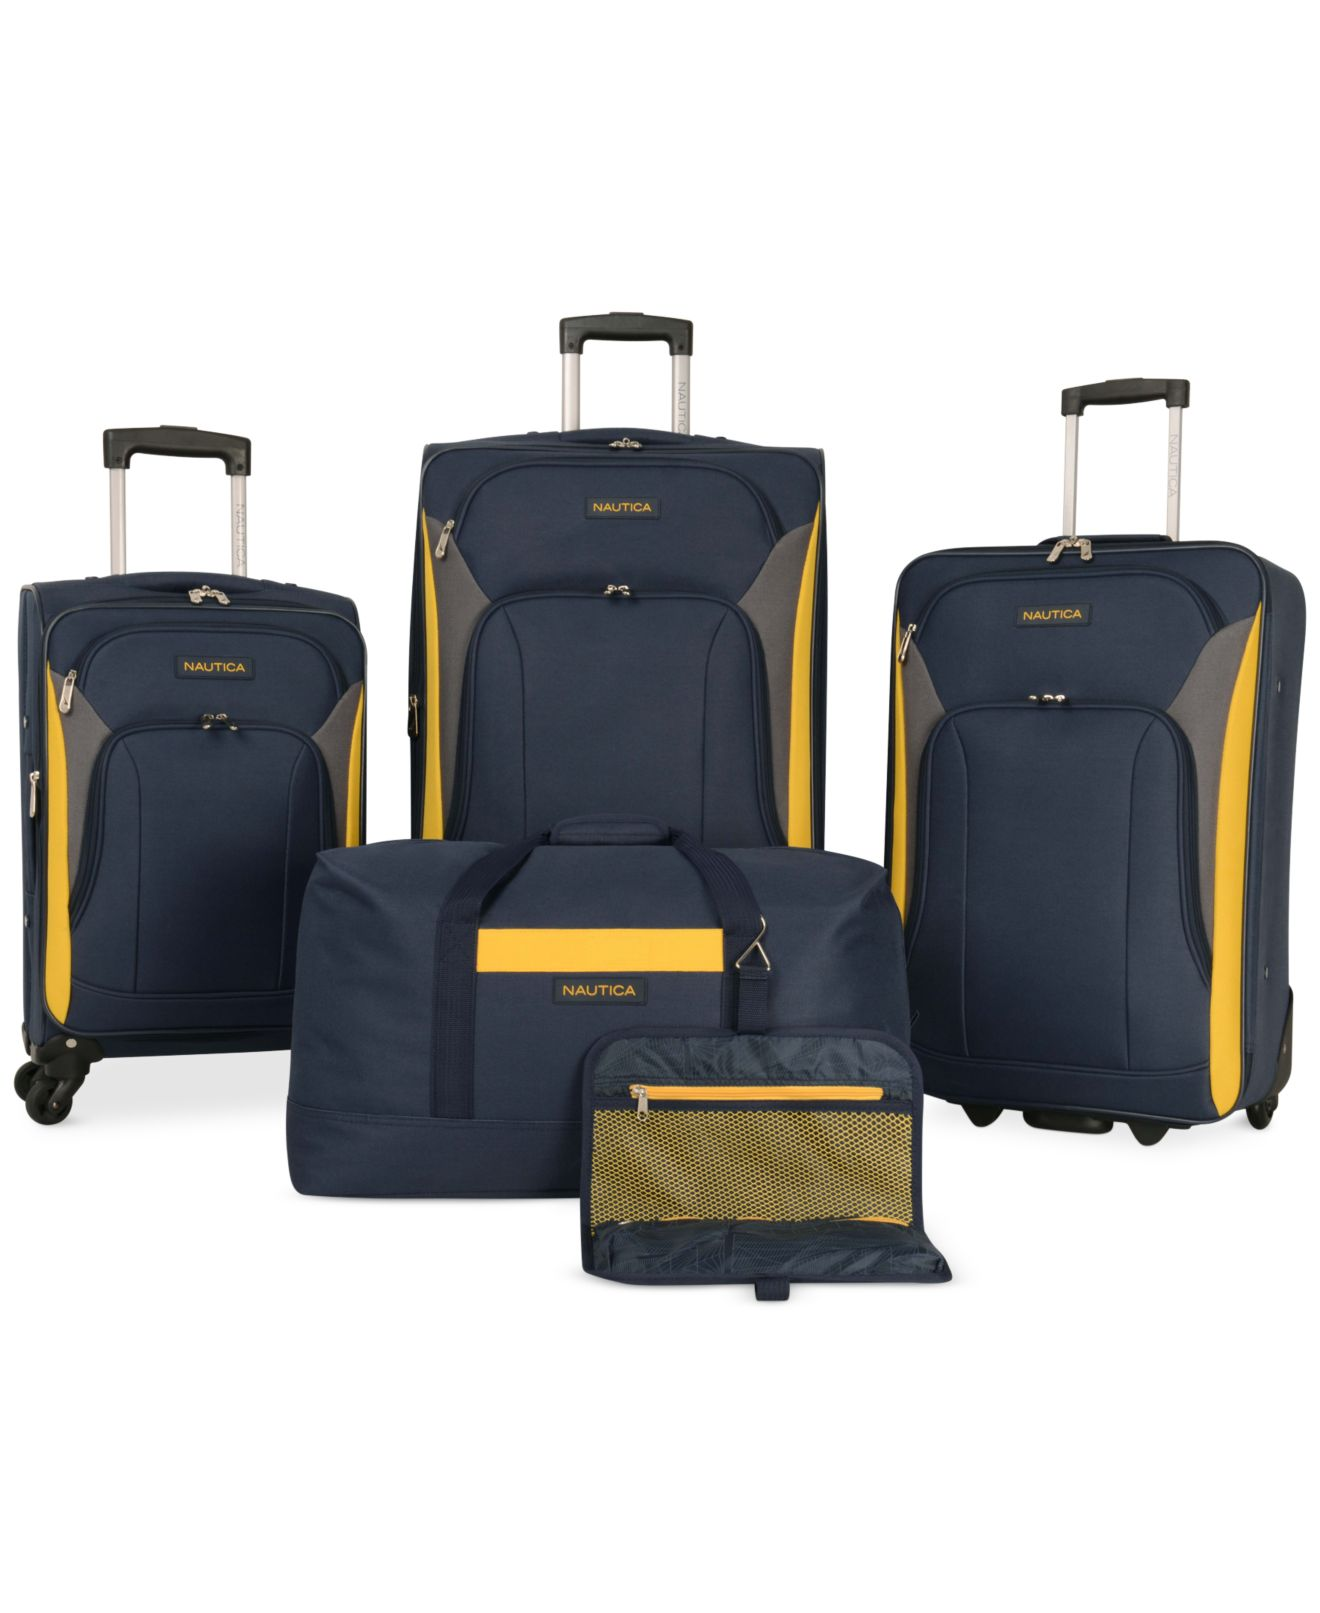 Suitcase Measurements